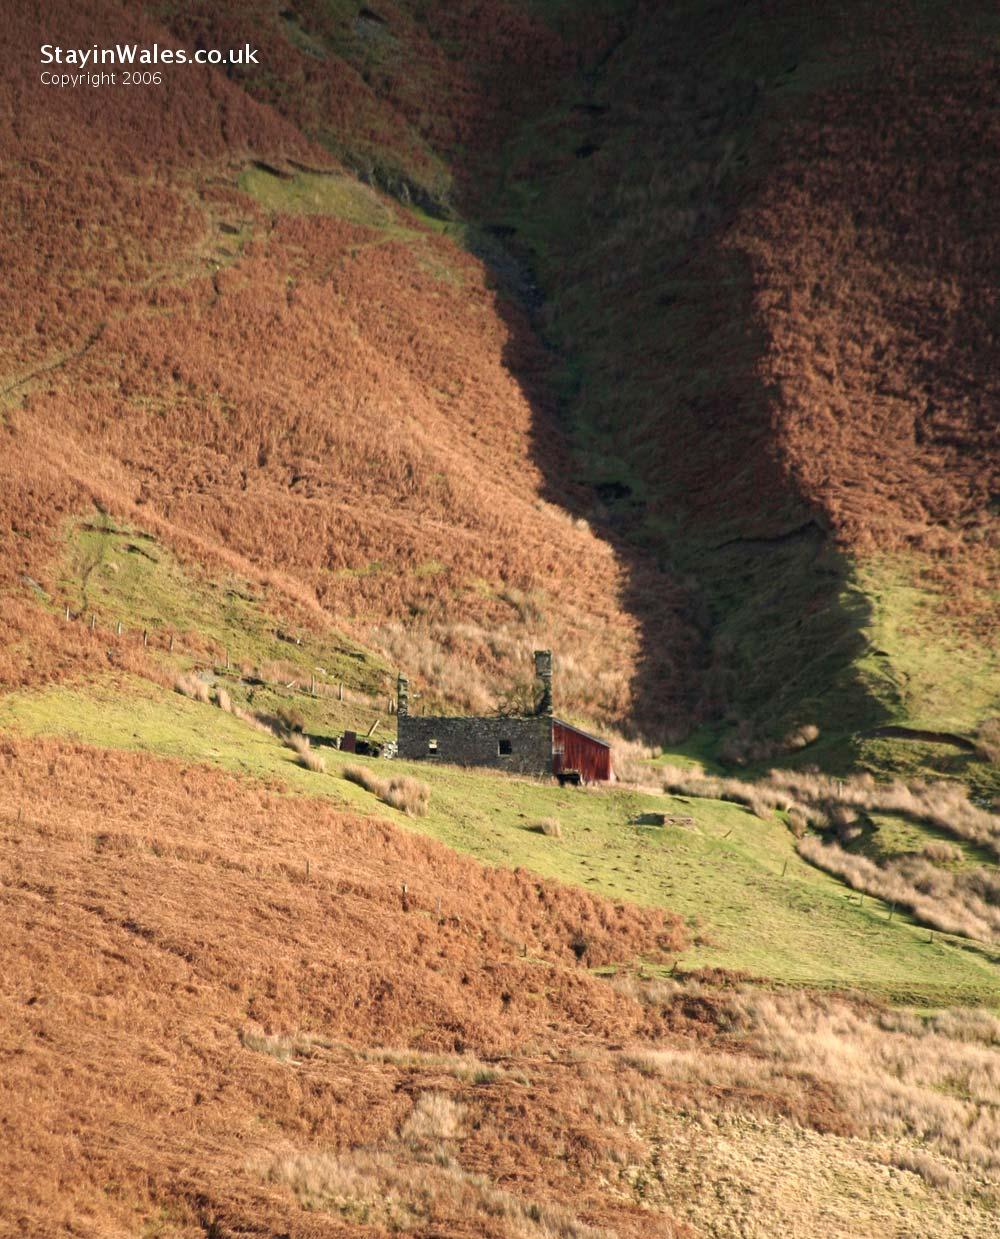 Elan Valley farmhouse ruin